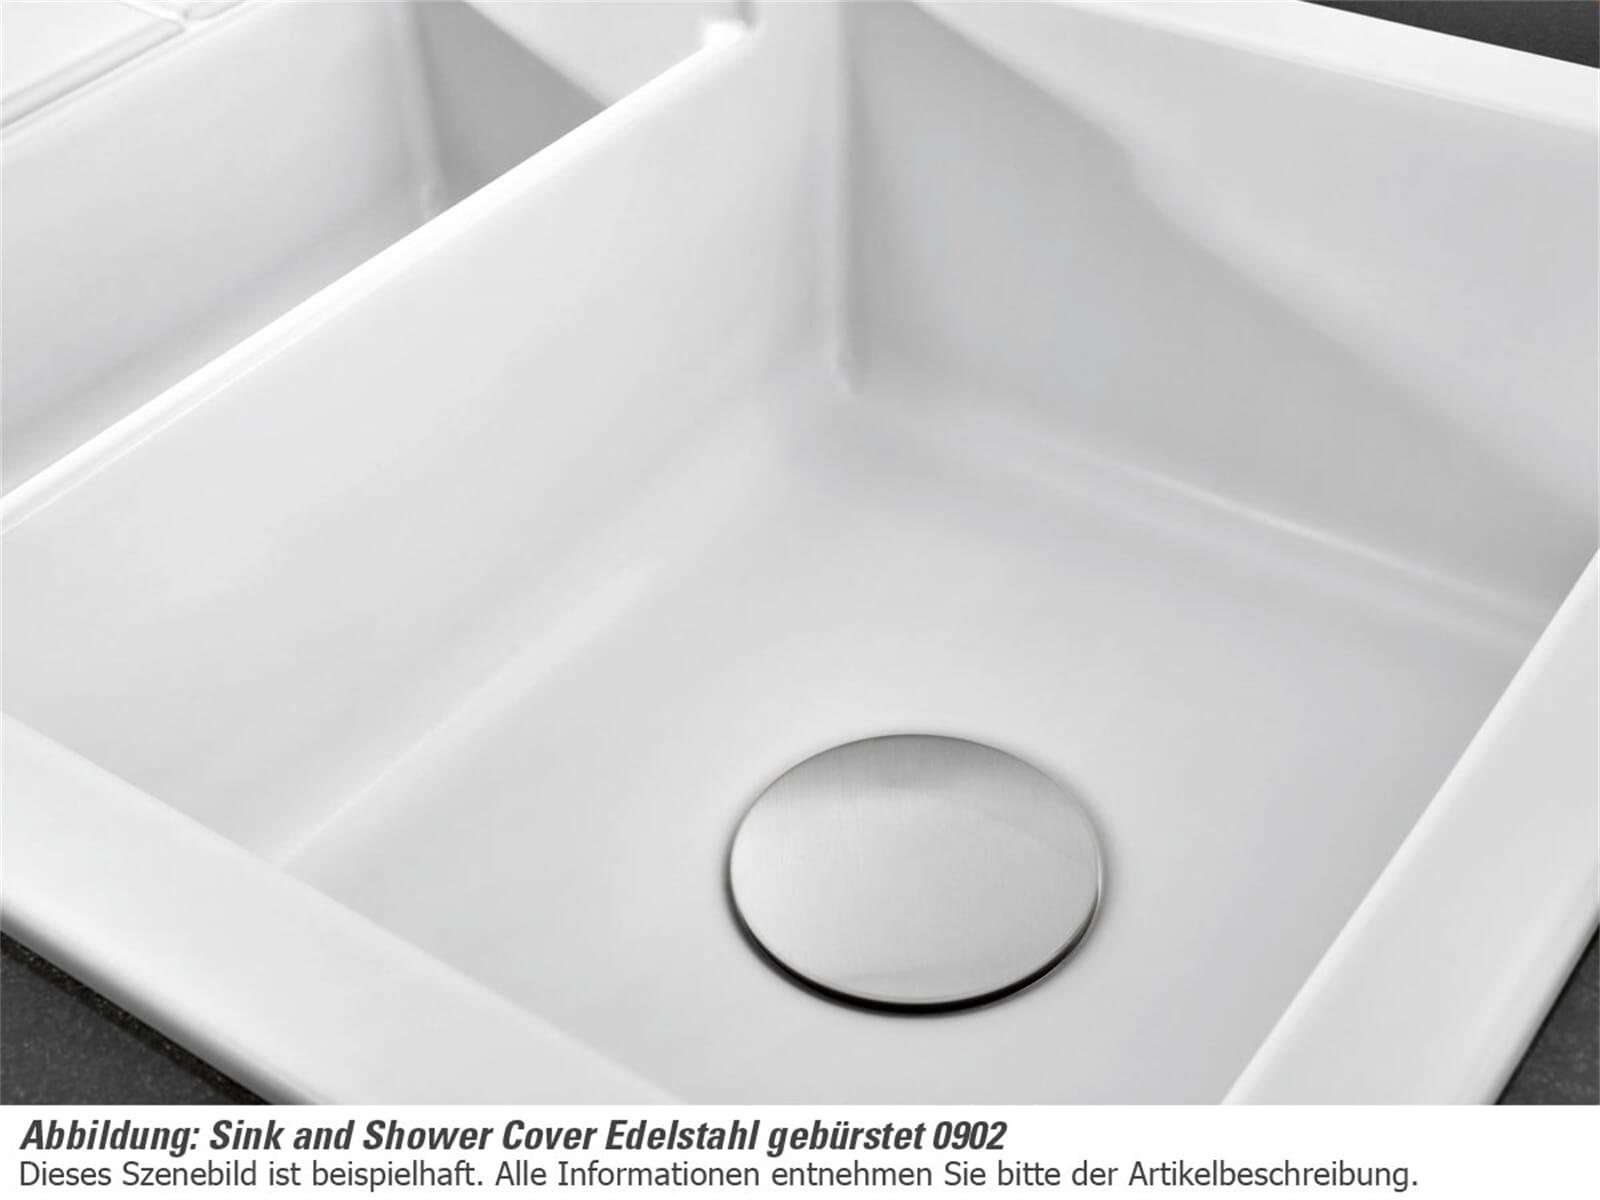 Systemceram Sink and Shower Cover gebürstet 0902